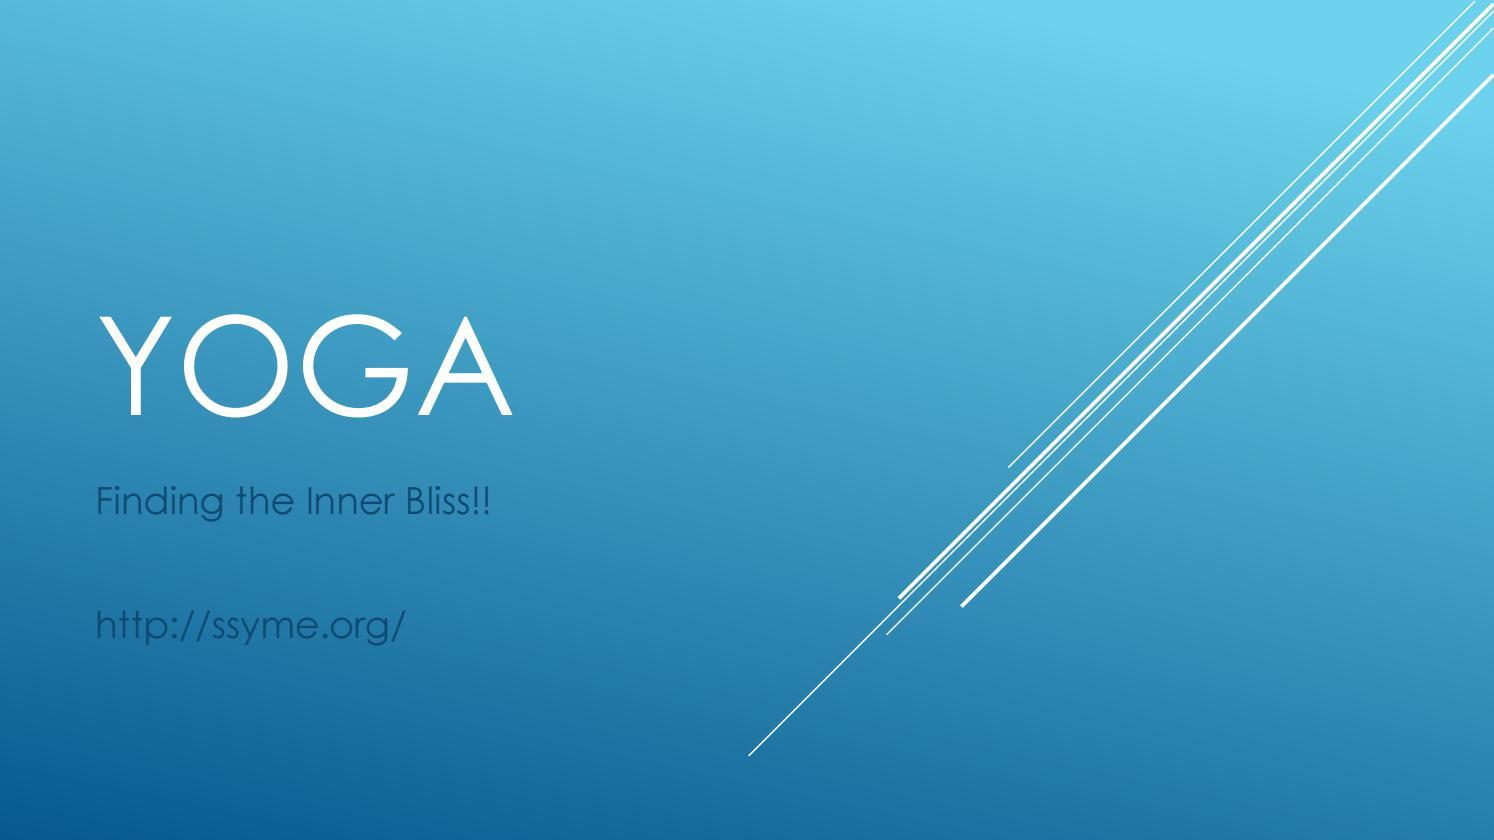 Yoga By Siddha Samadhi Yoga Issuu